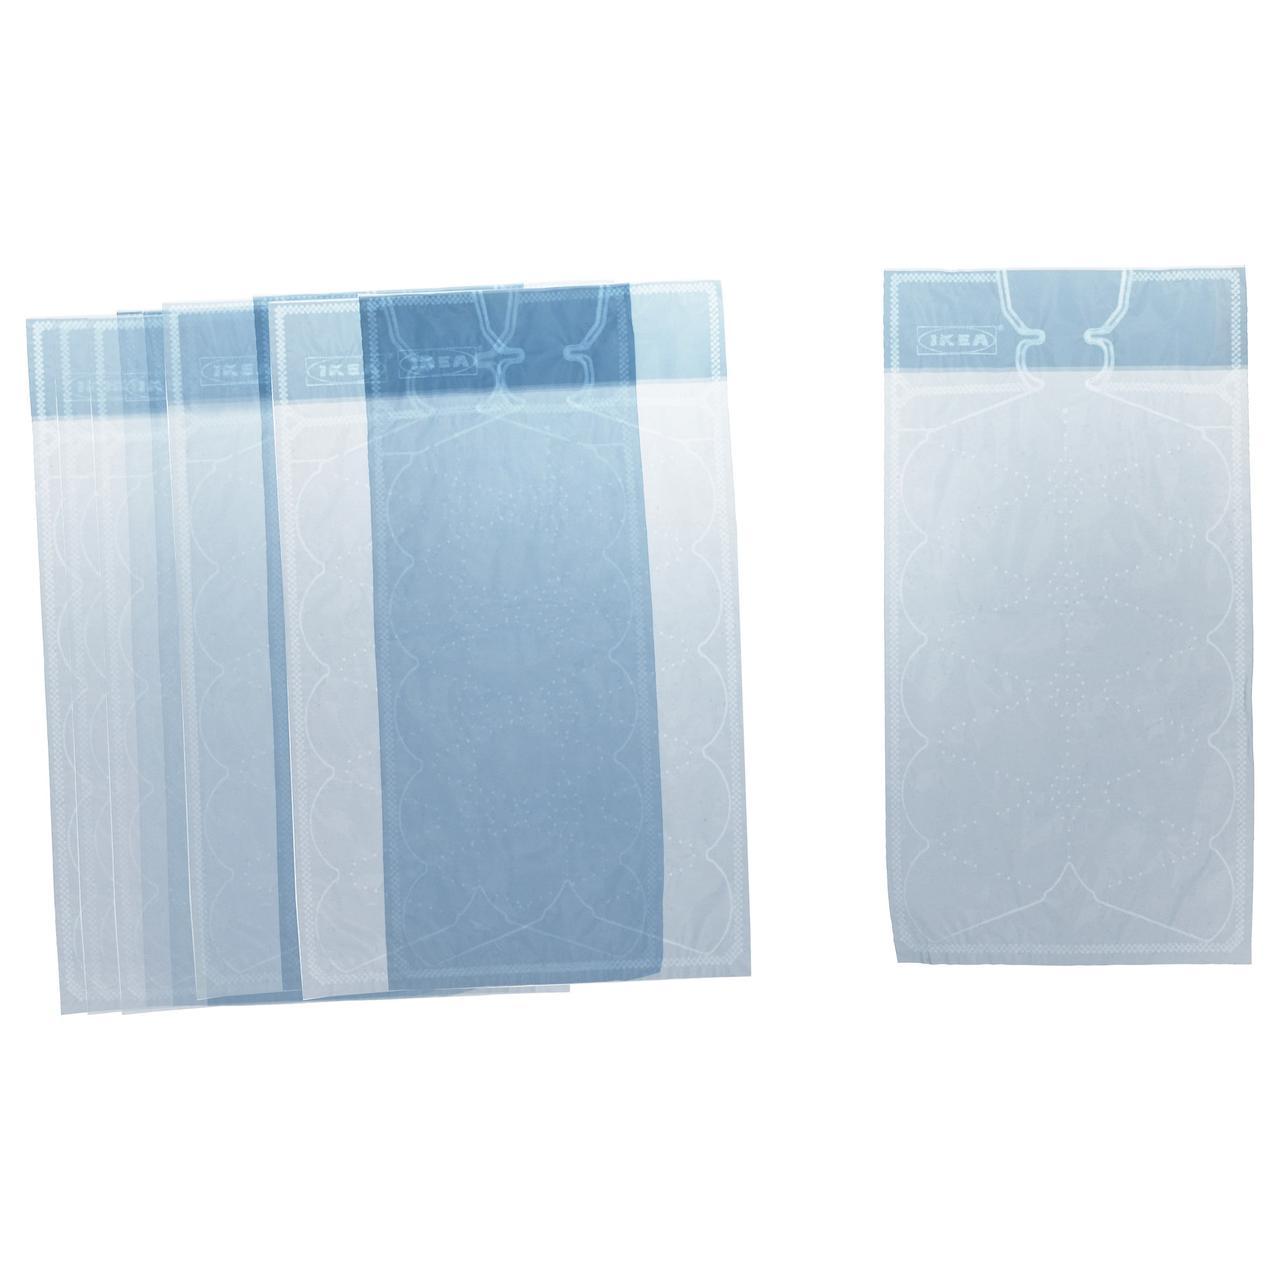 ИСИГА Пакет д/кубиков льда, голубой